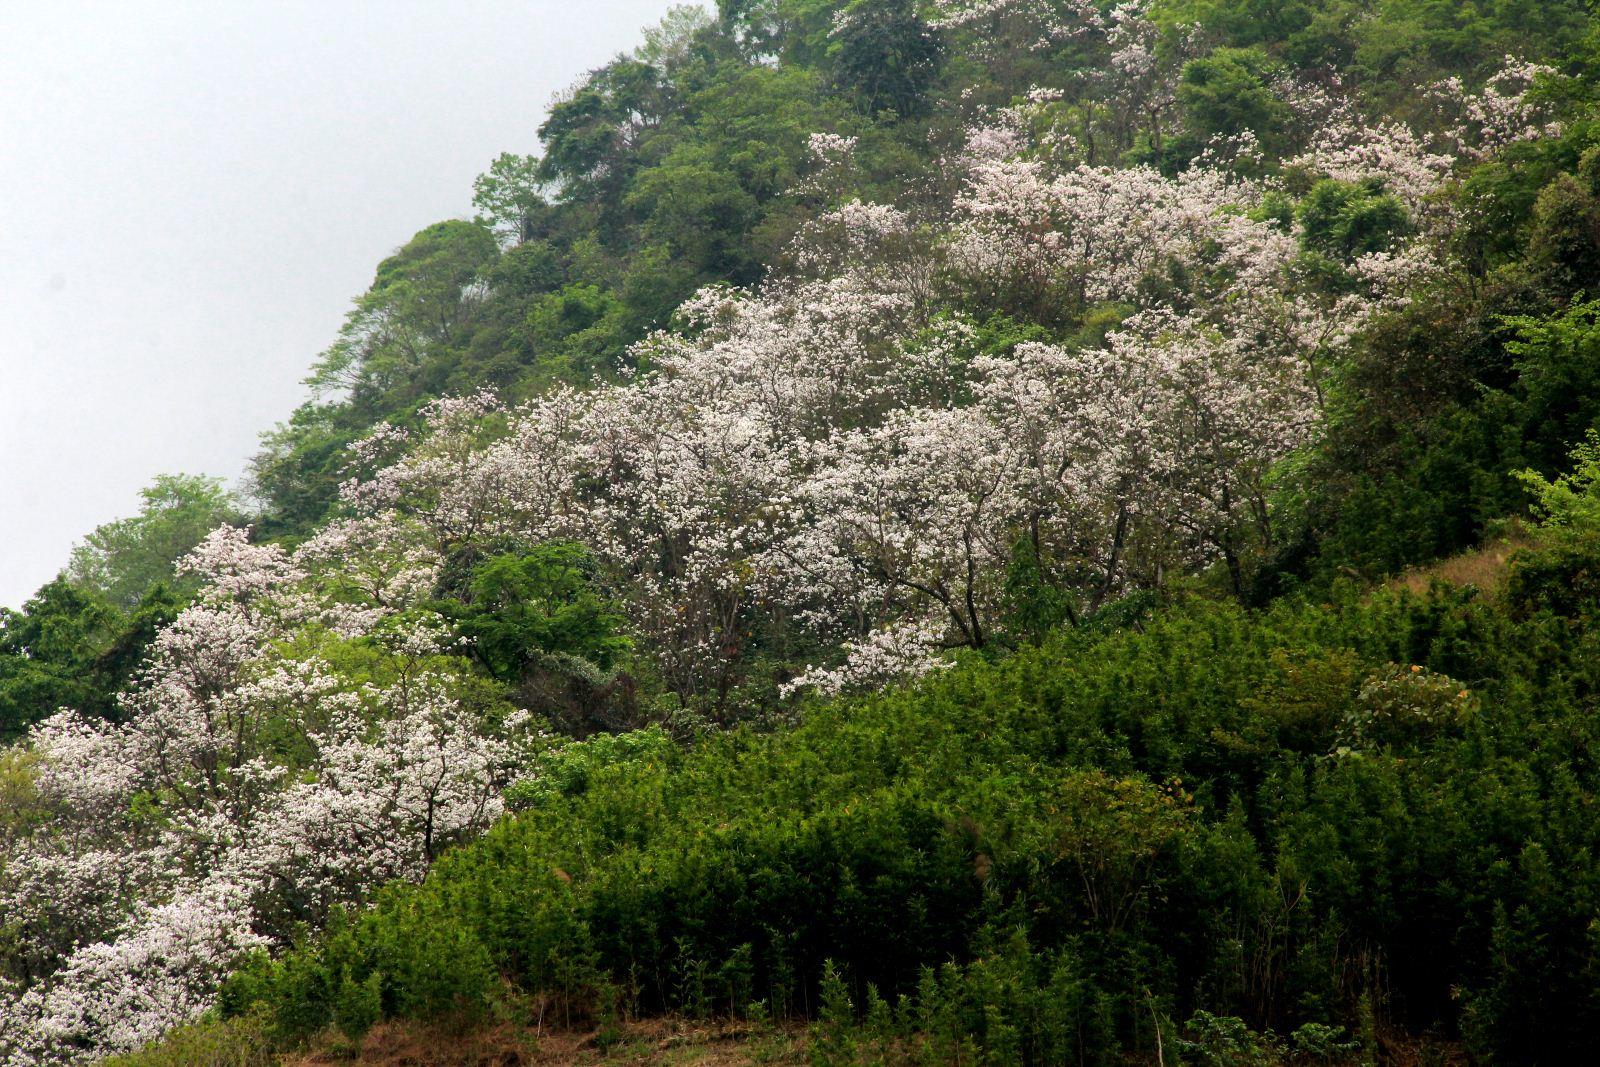 Hoa ban chỉ mọc ở vùng đồi núi, không mọc vườn như hoa mận, hoa mơ. tour tây bắc.